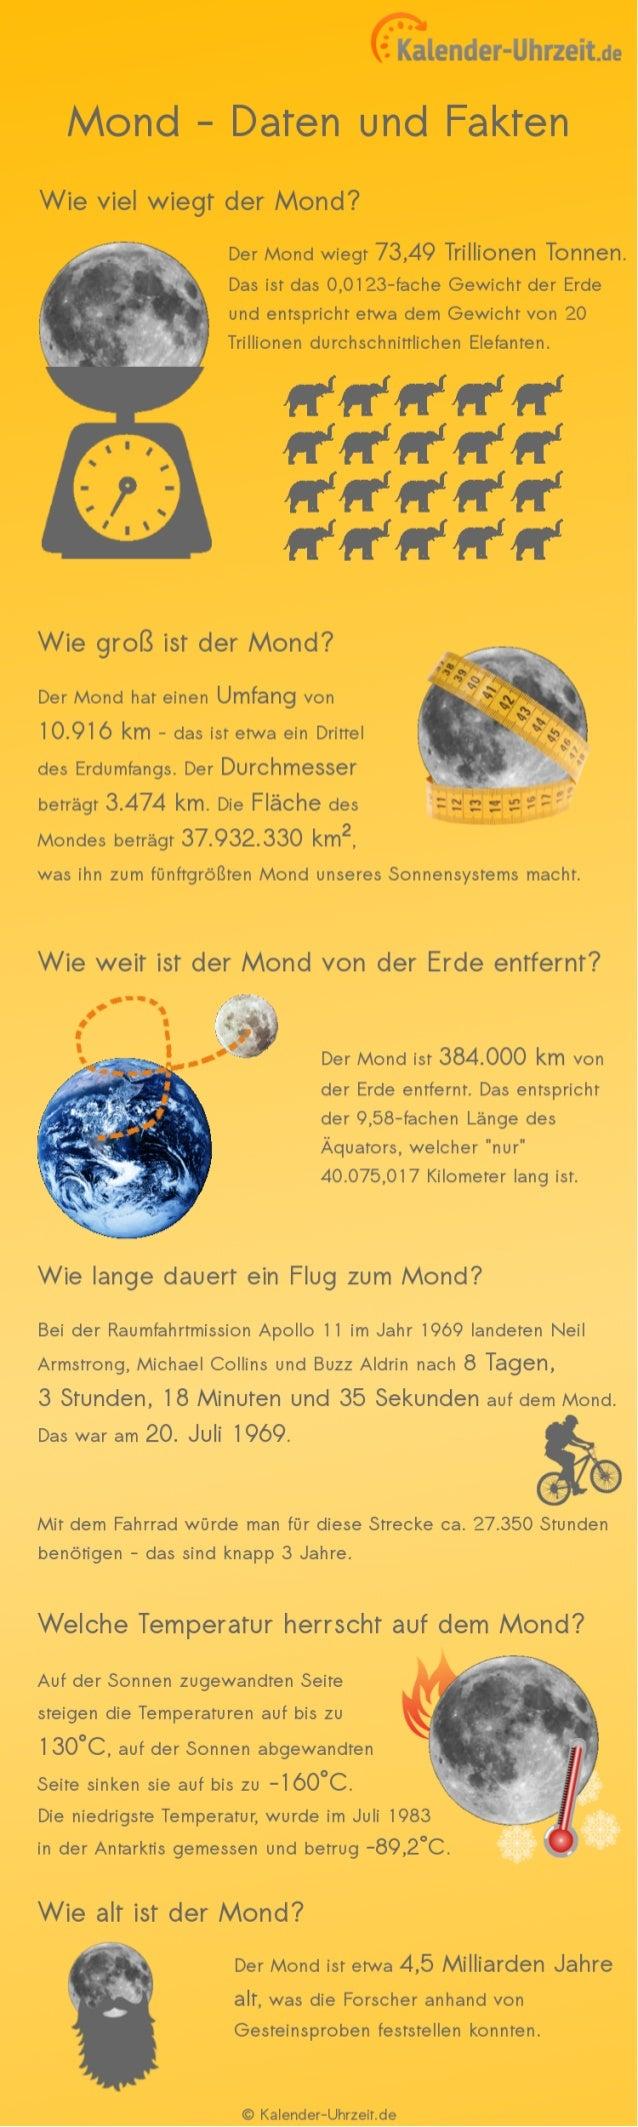 Infografik zum Mond - Zahlen und Fakten